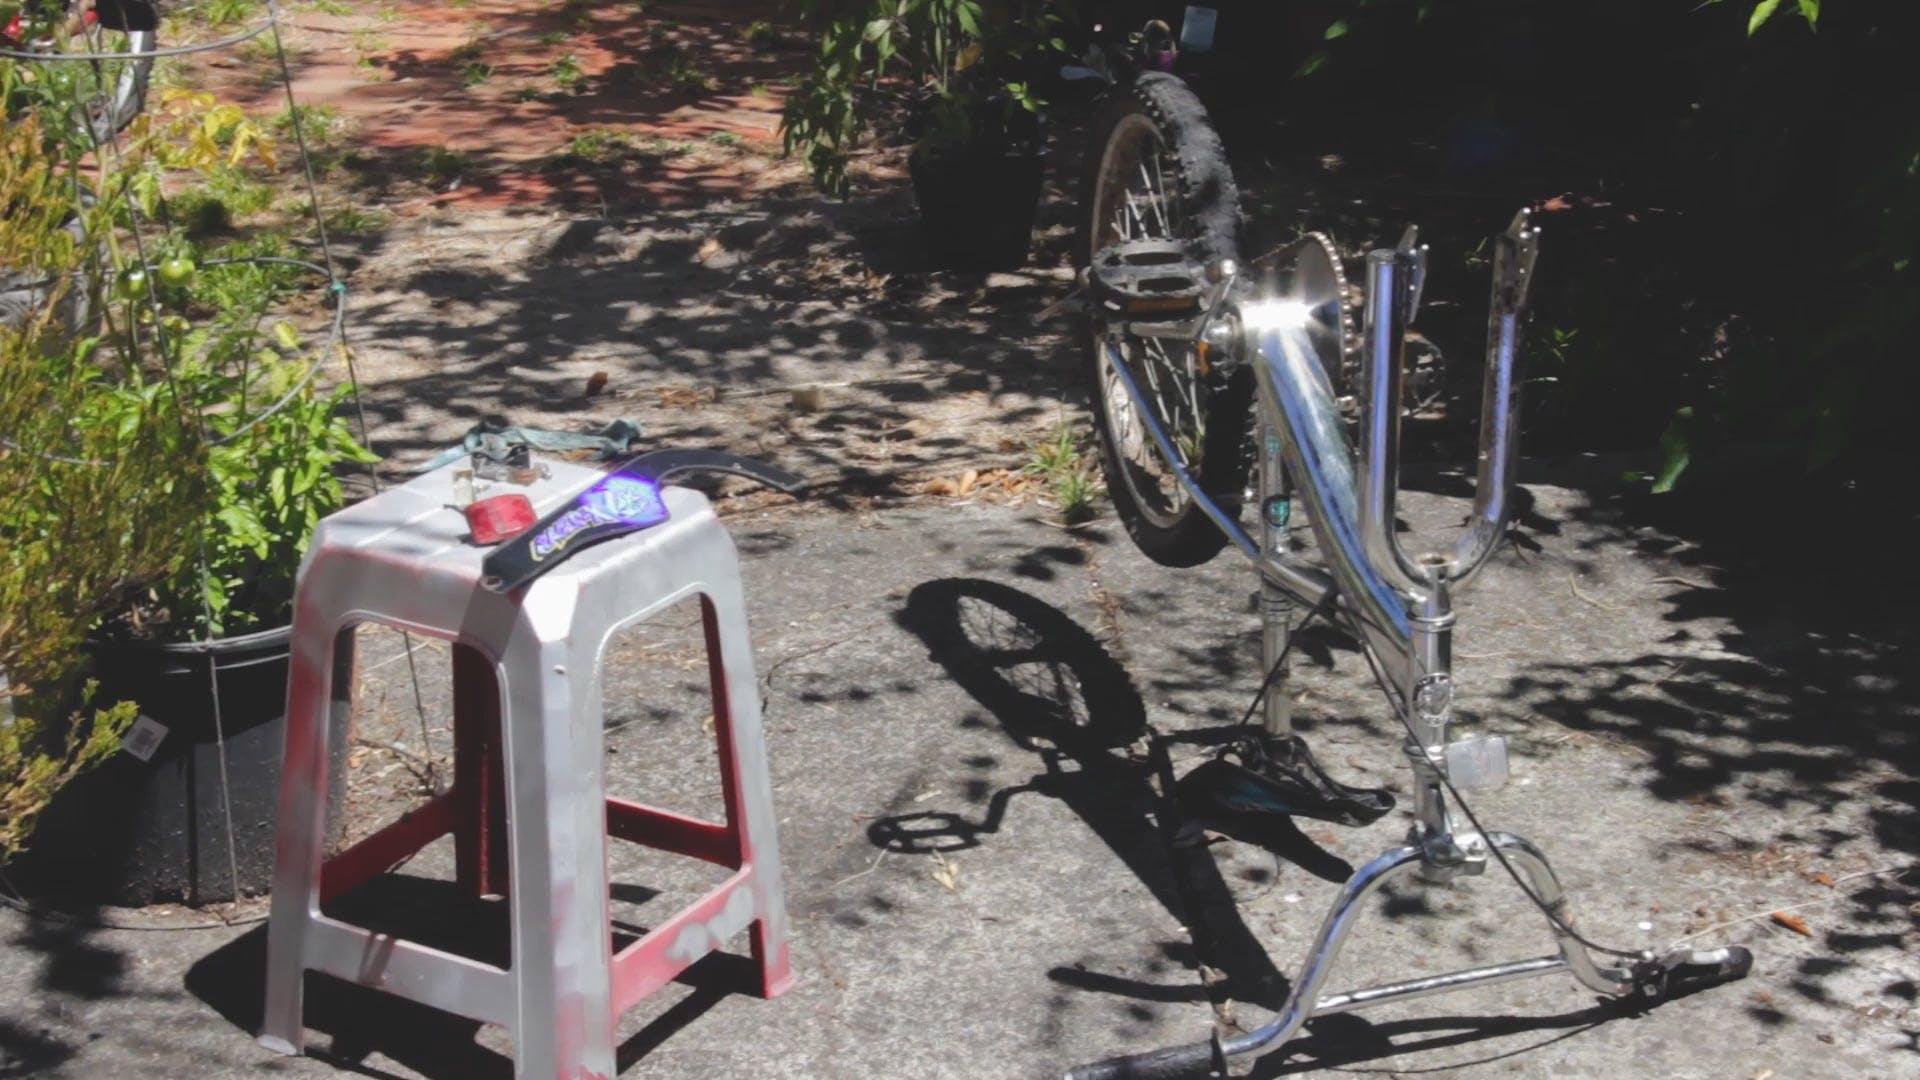 Repairing A Bike